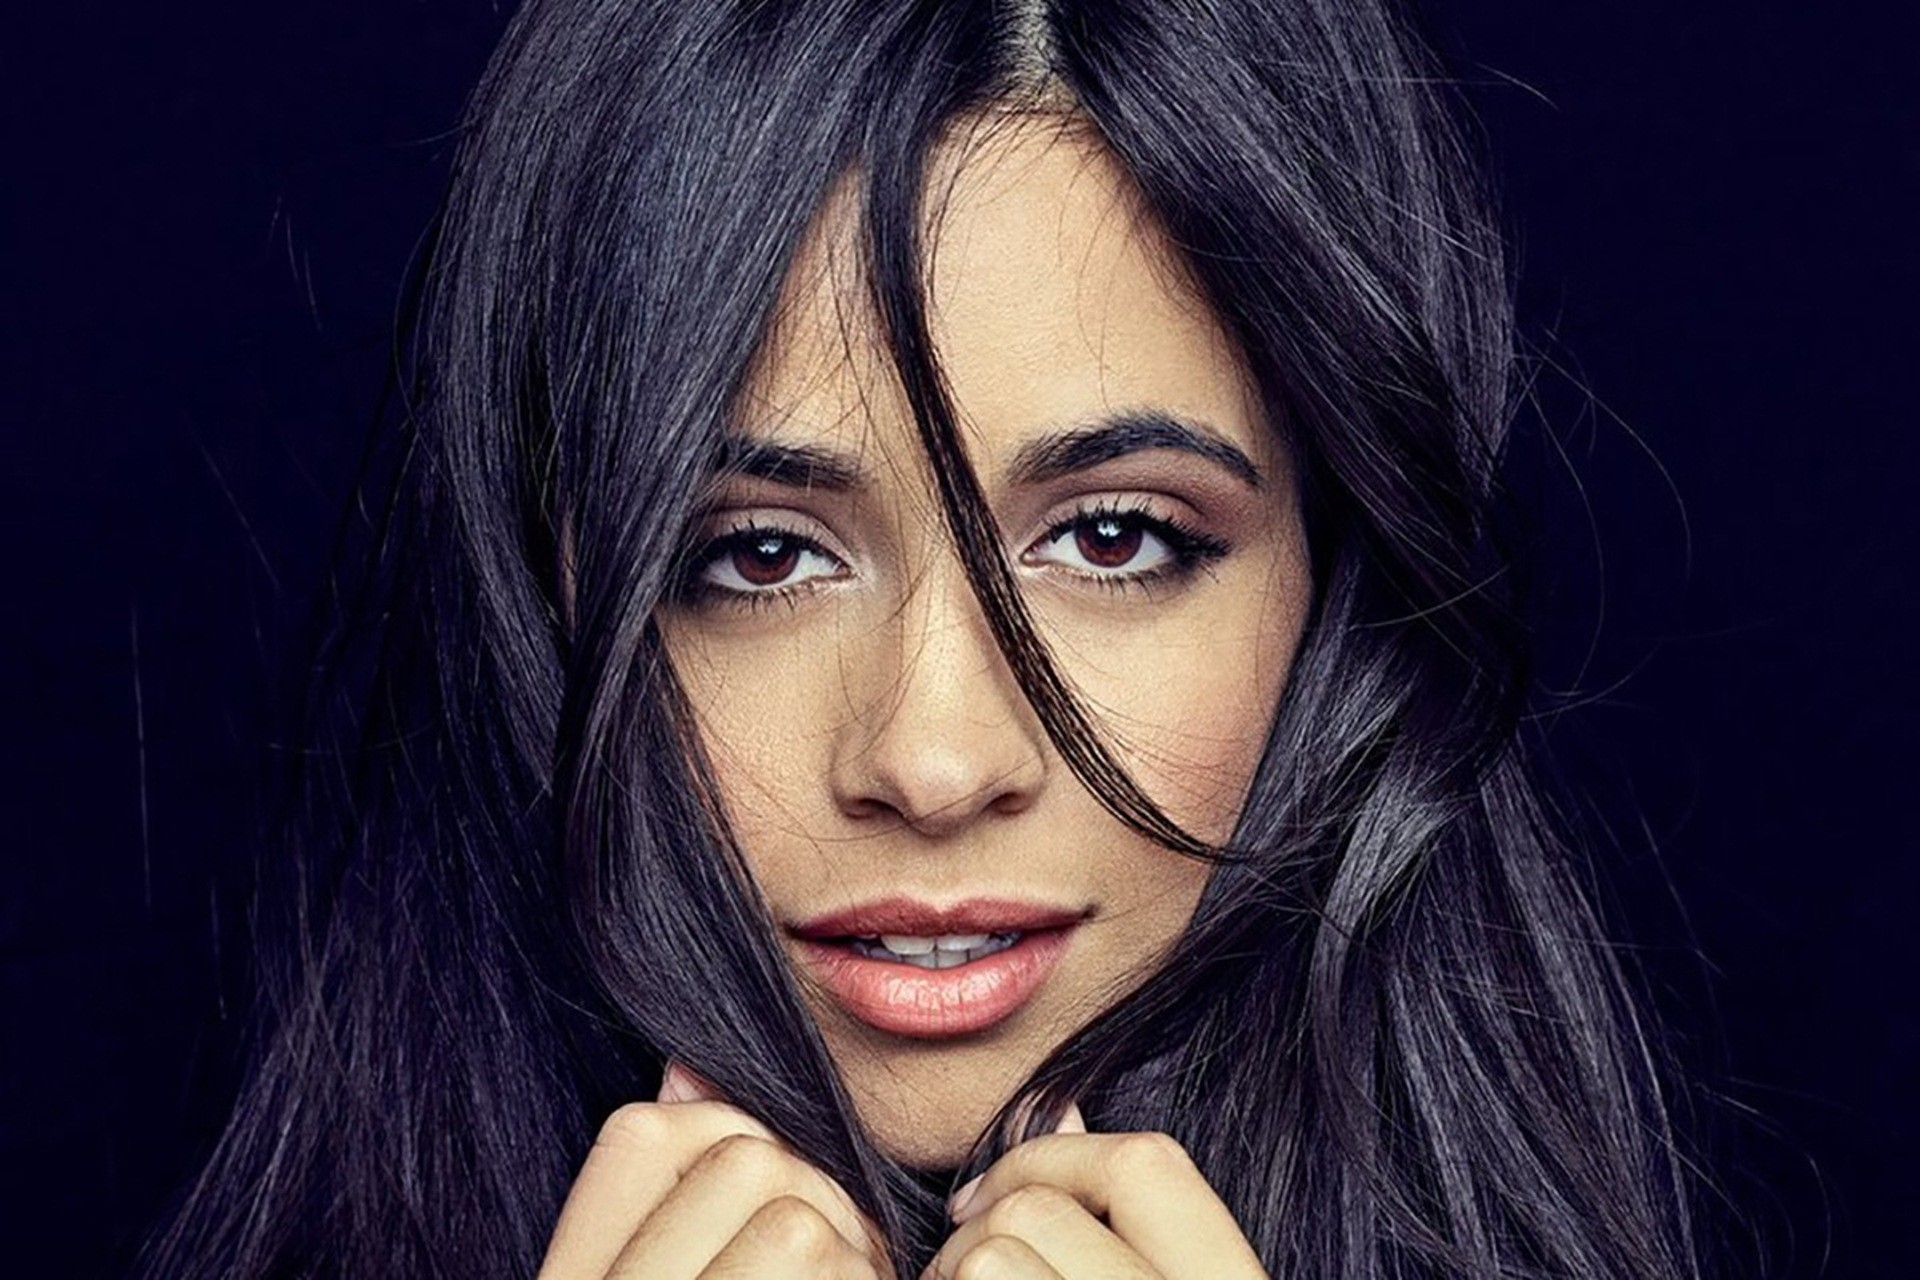 Camila Cabello: Camila Cabello Wallpapers (71+ Images